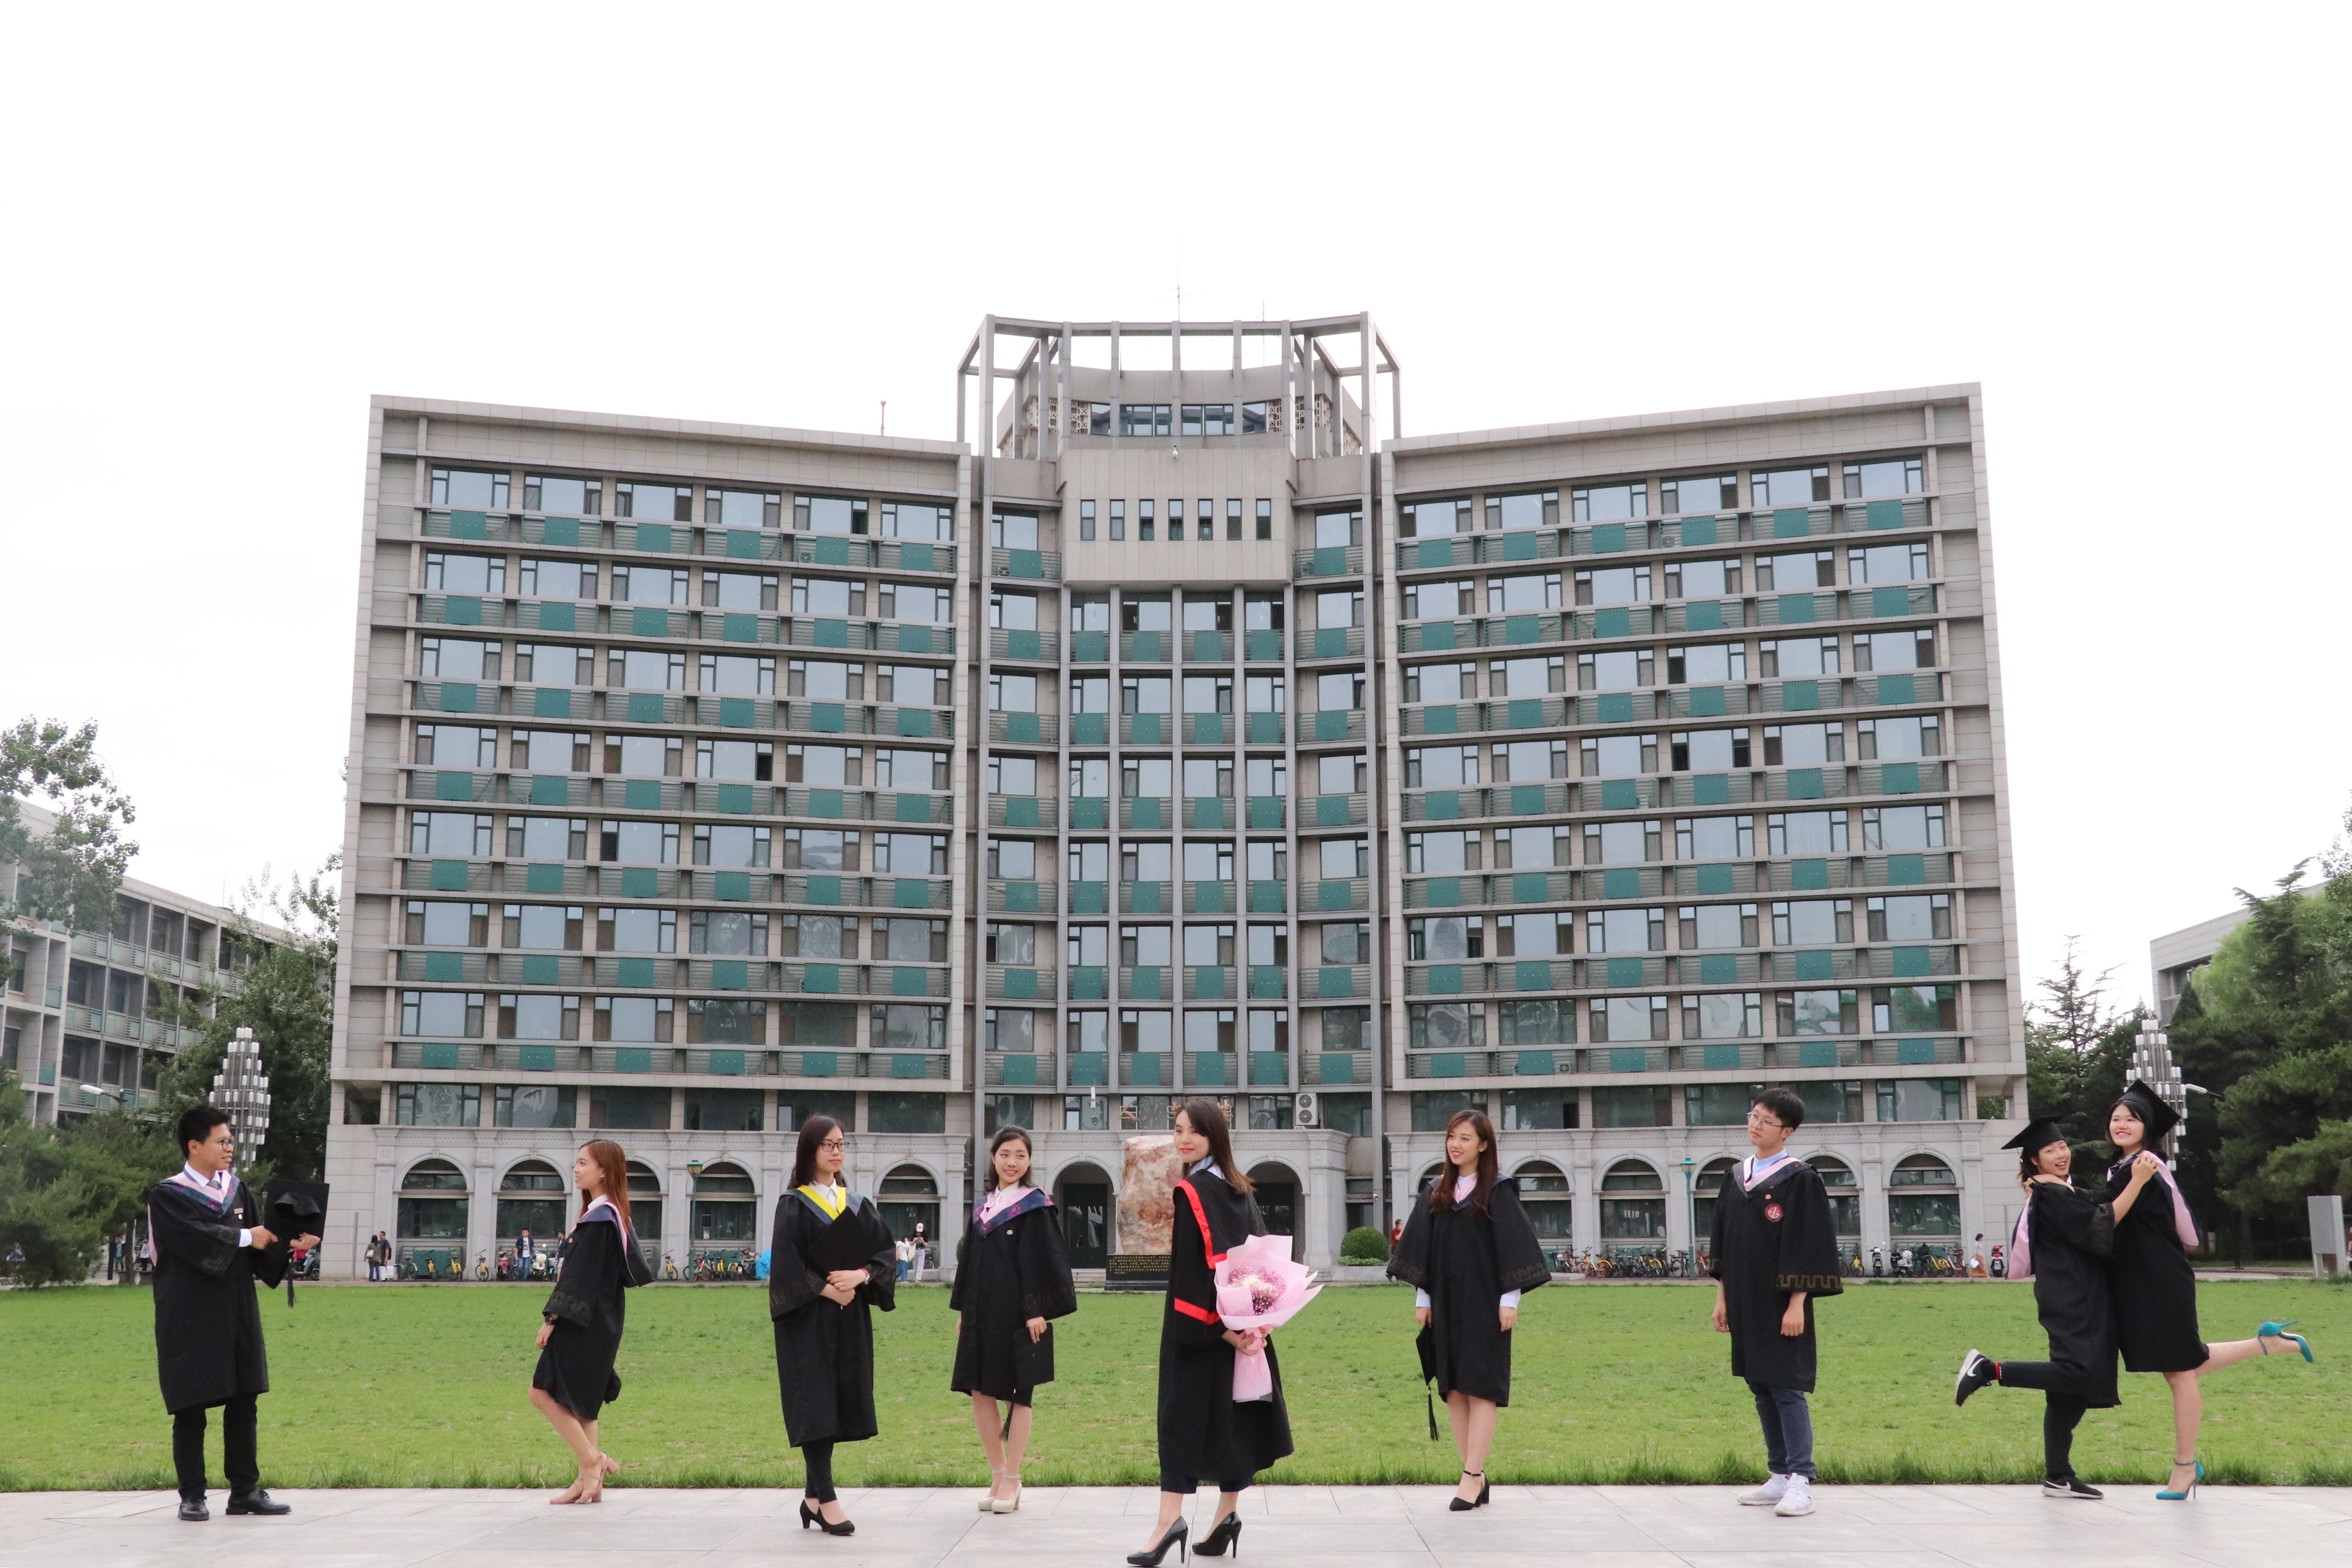 007_14級師兄師姐的畢業照(相片由受訪者提供)